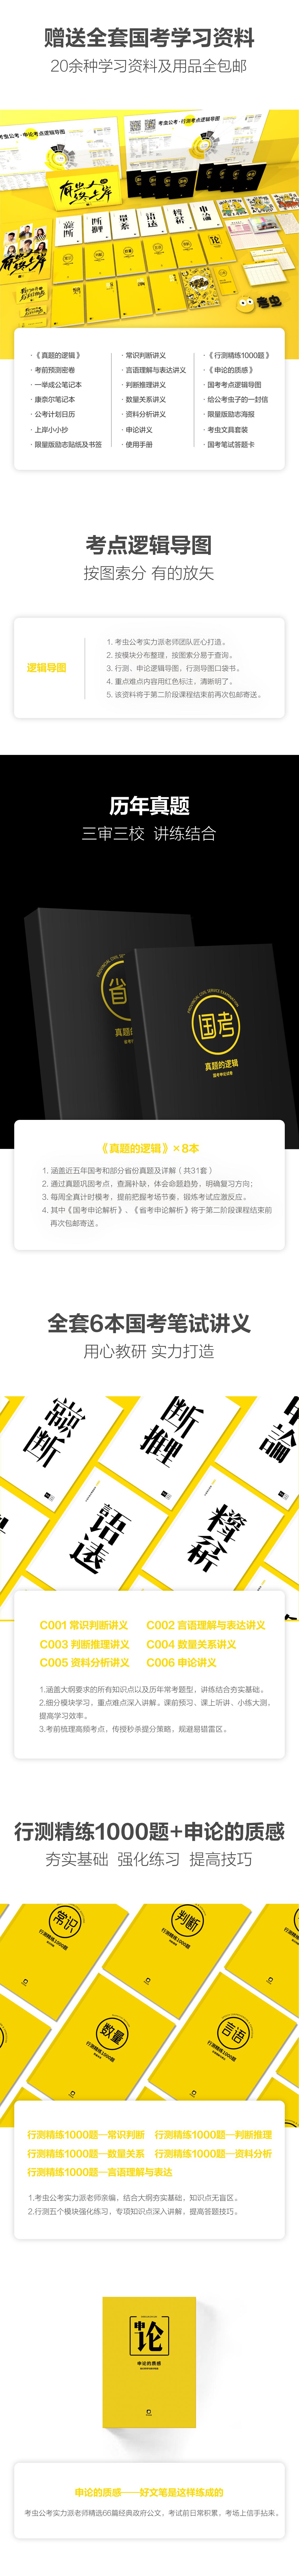 19国考笔试系统班详情图2.jpg